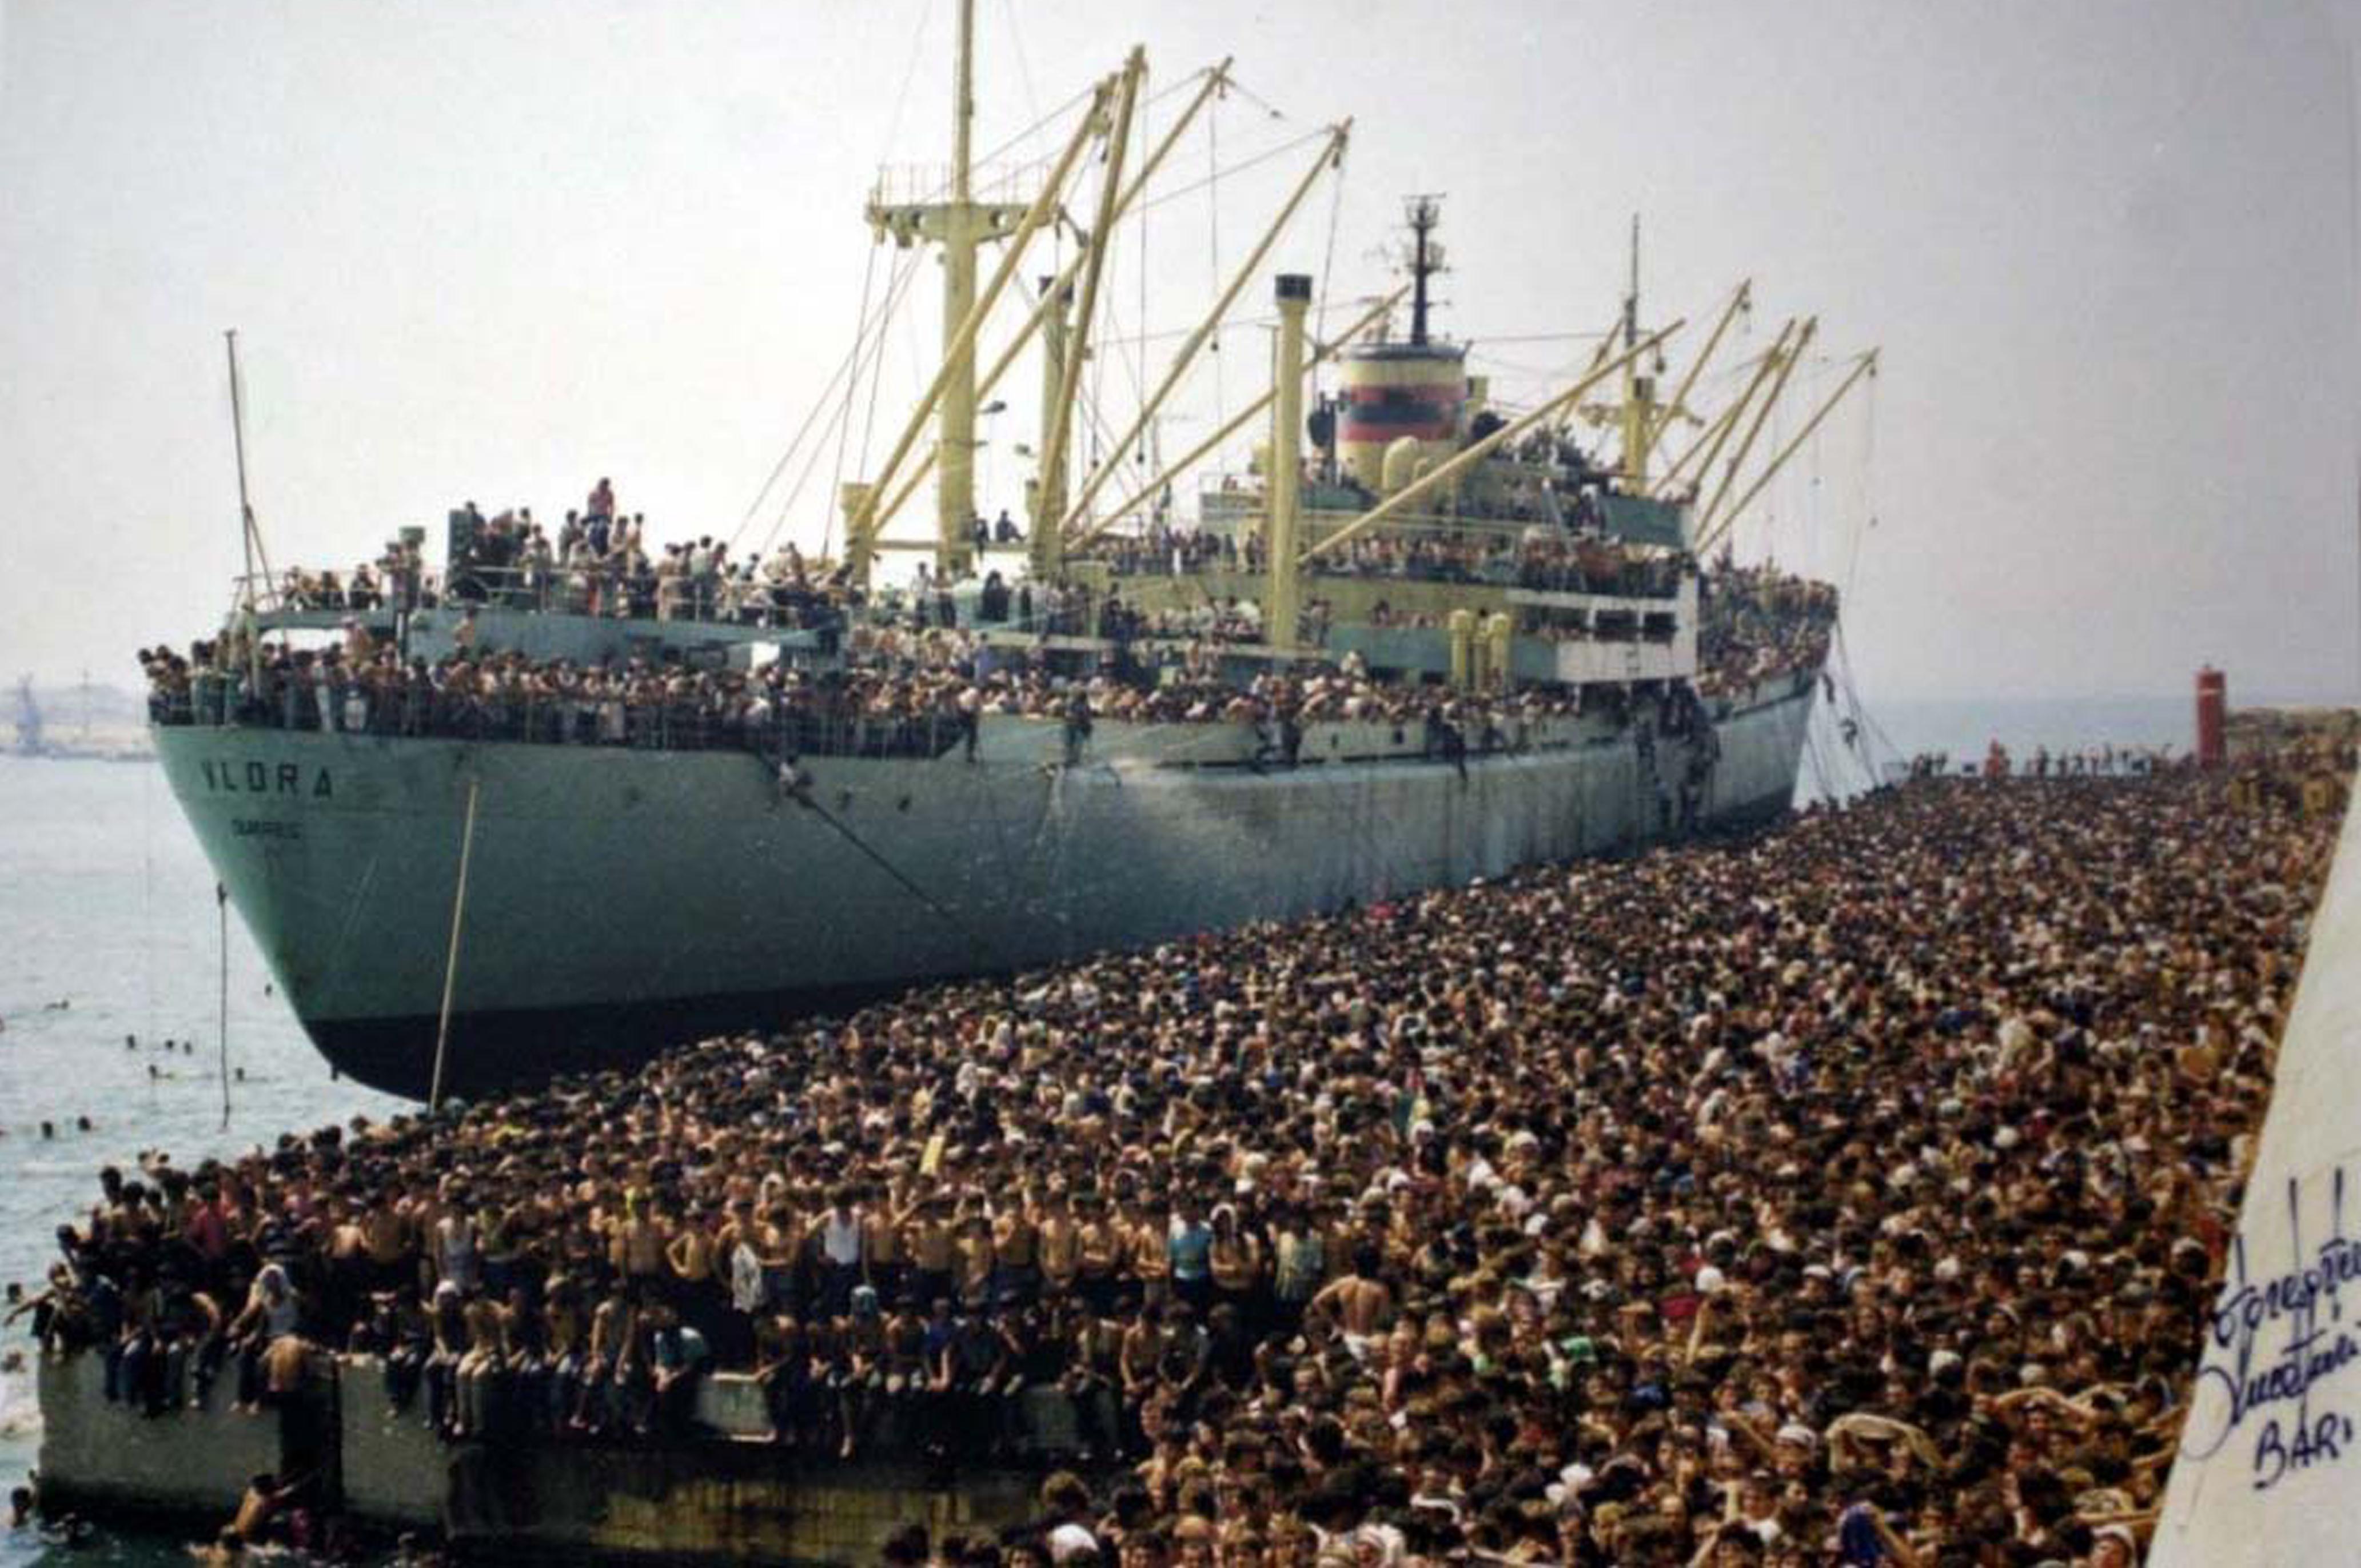 1991. Lo sbarco della Vlora. L'Italia diventa l'approdo dei nuovi migranti